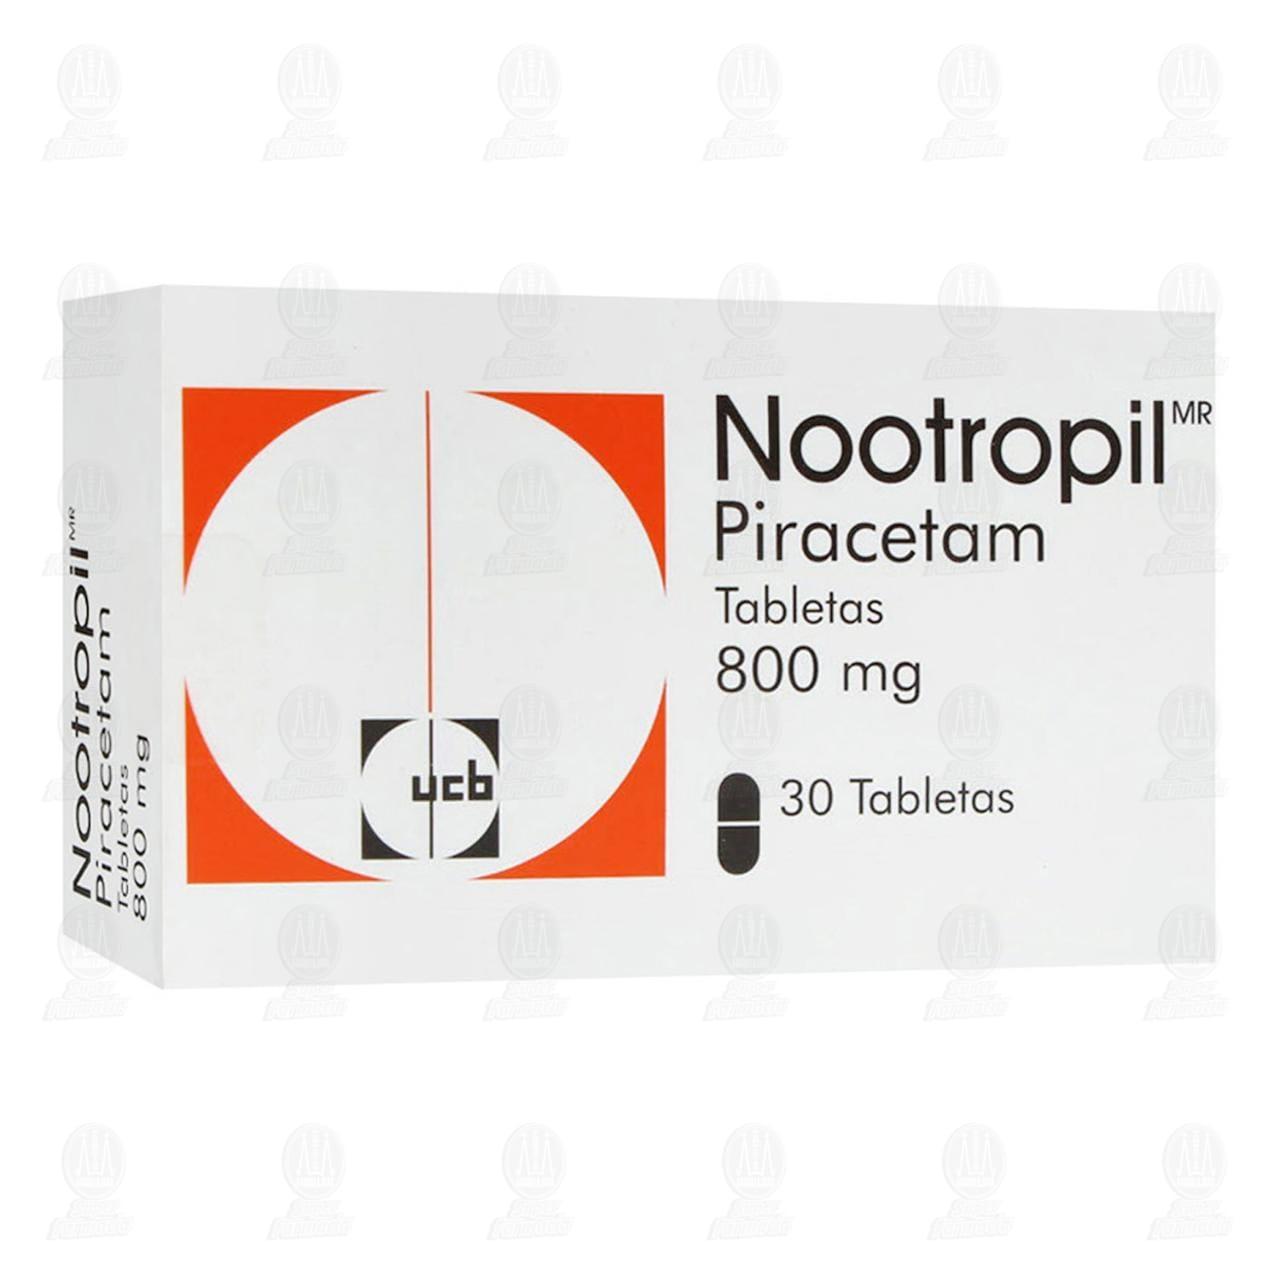 Nootropil 800mg 30 Tabletas